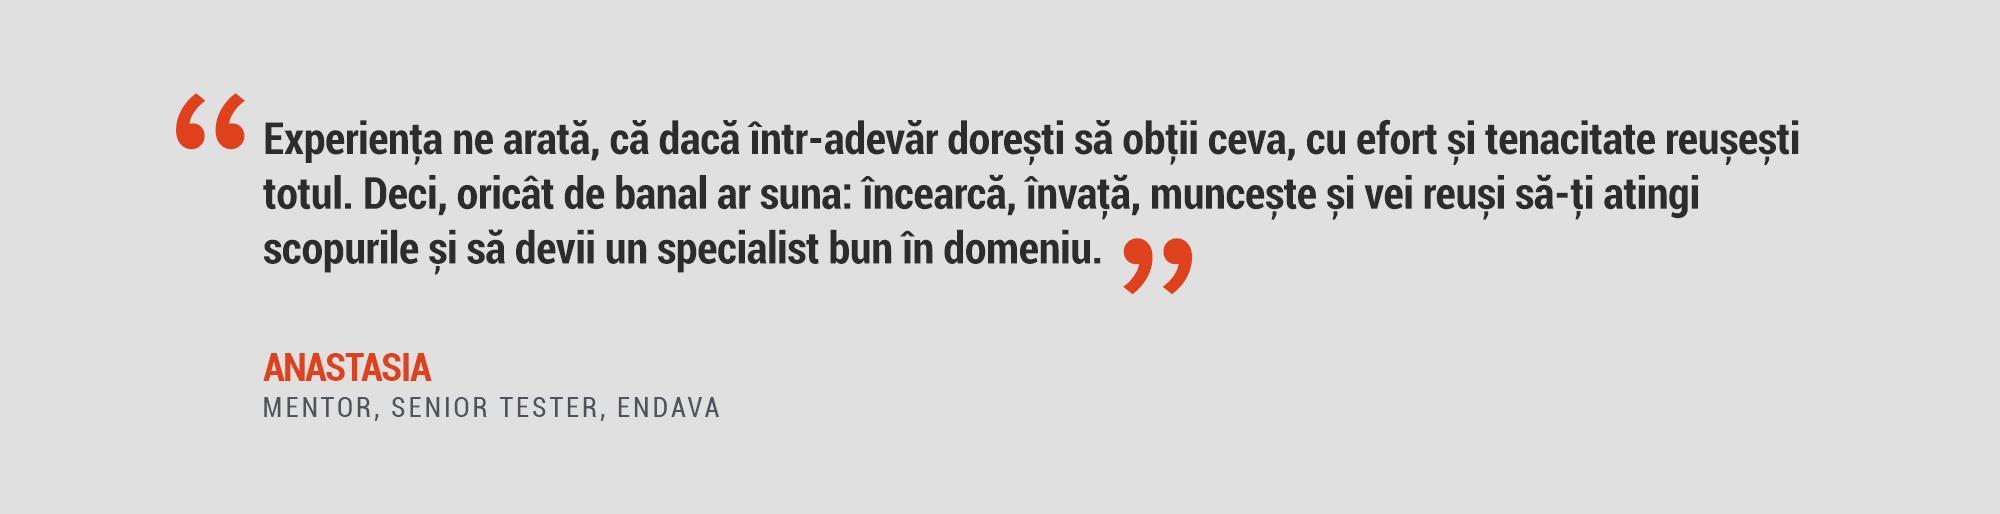 Anastasia Casapu Quote